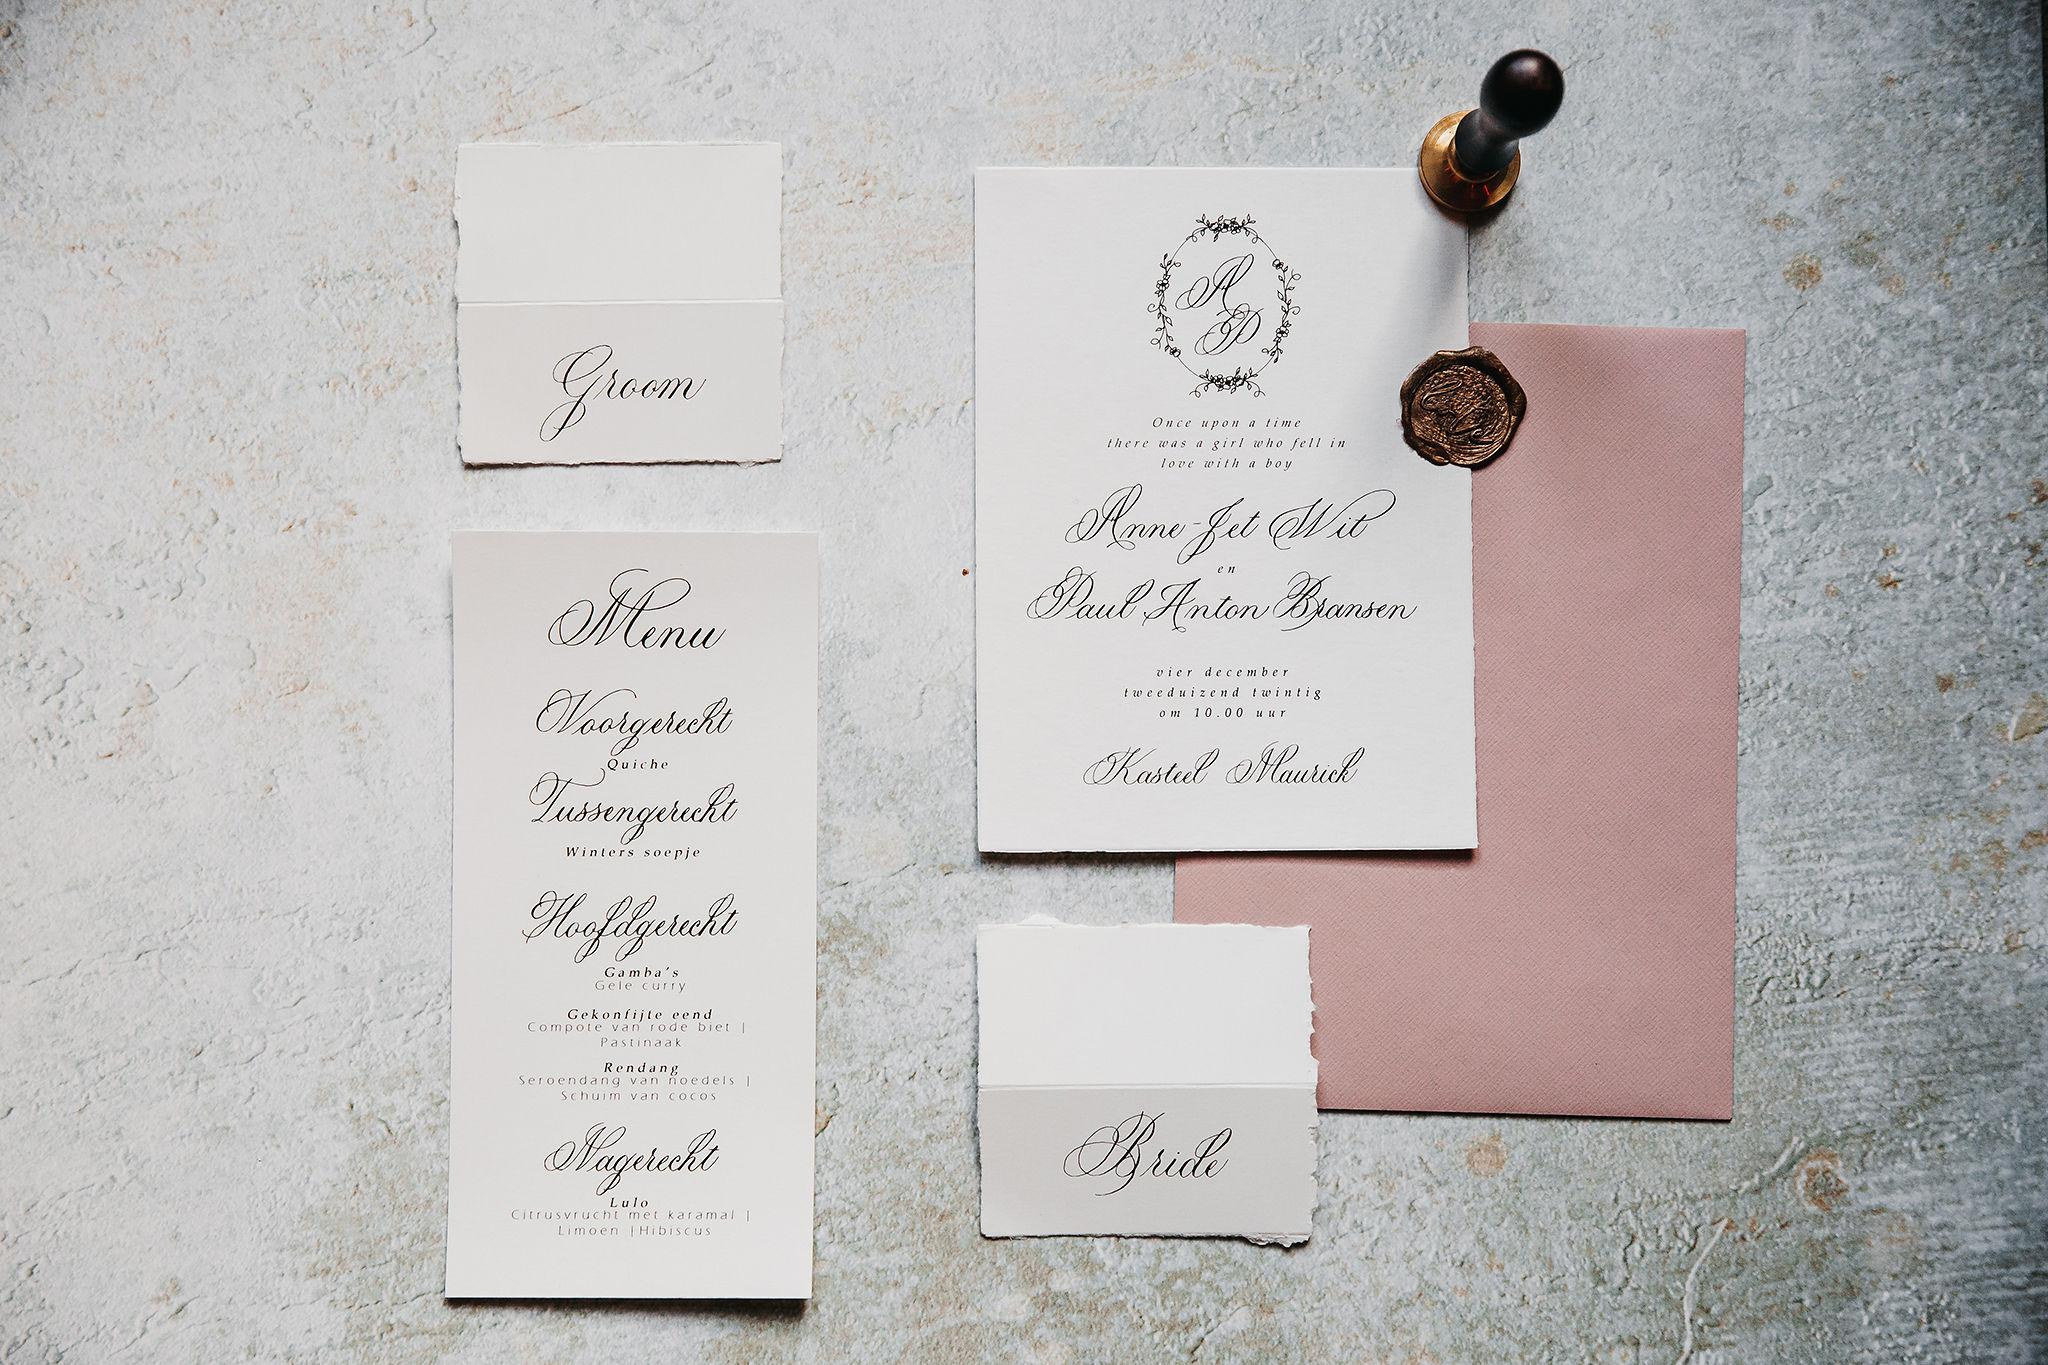 huisstijl klassieke kalligrafie bruiloft